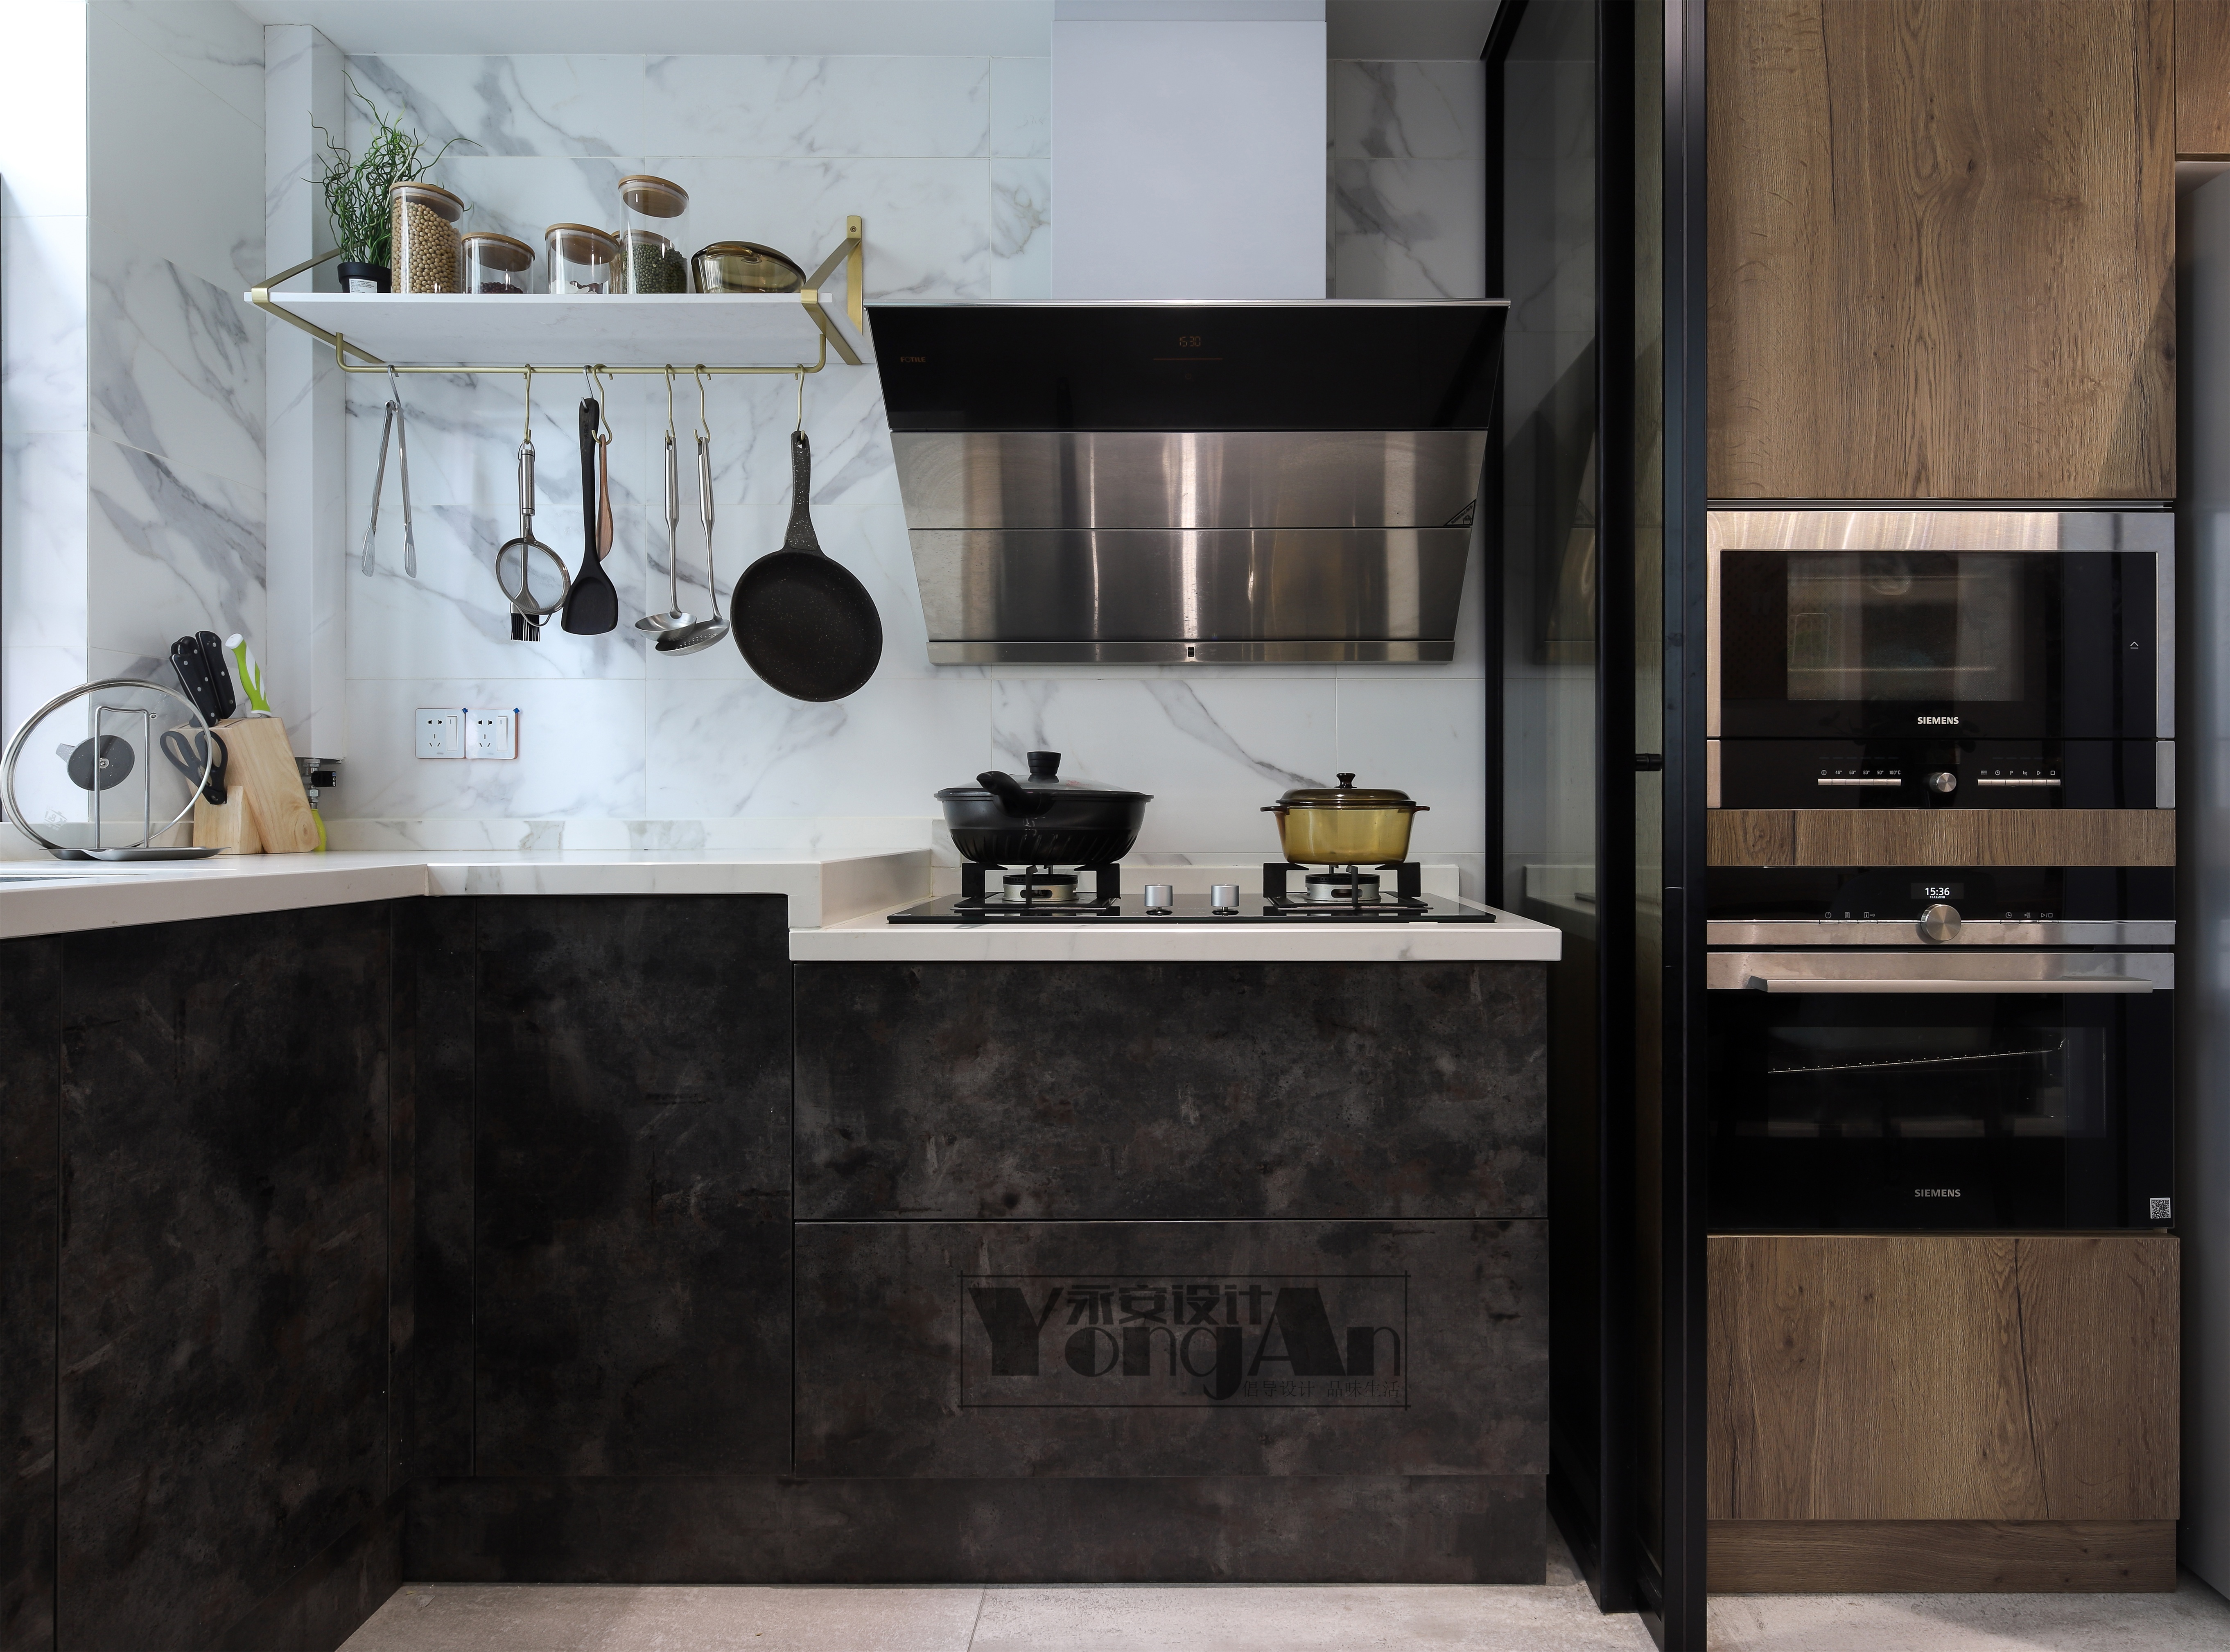 静谧现代风厨房设计图餐厅